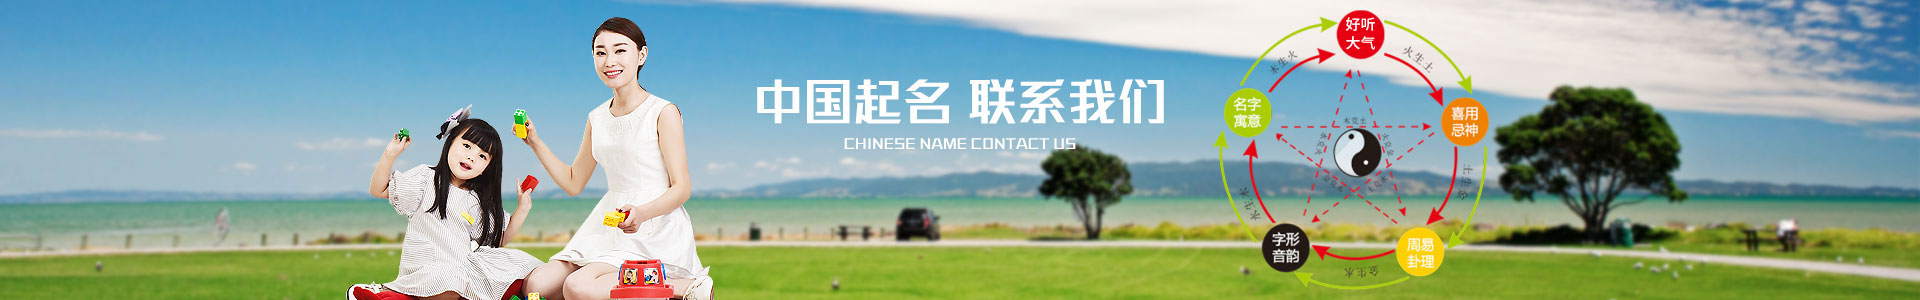 中国起名 联系我们